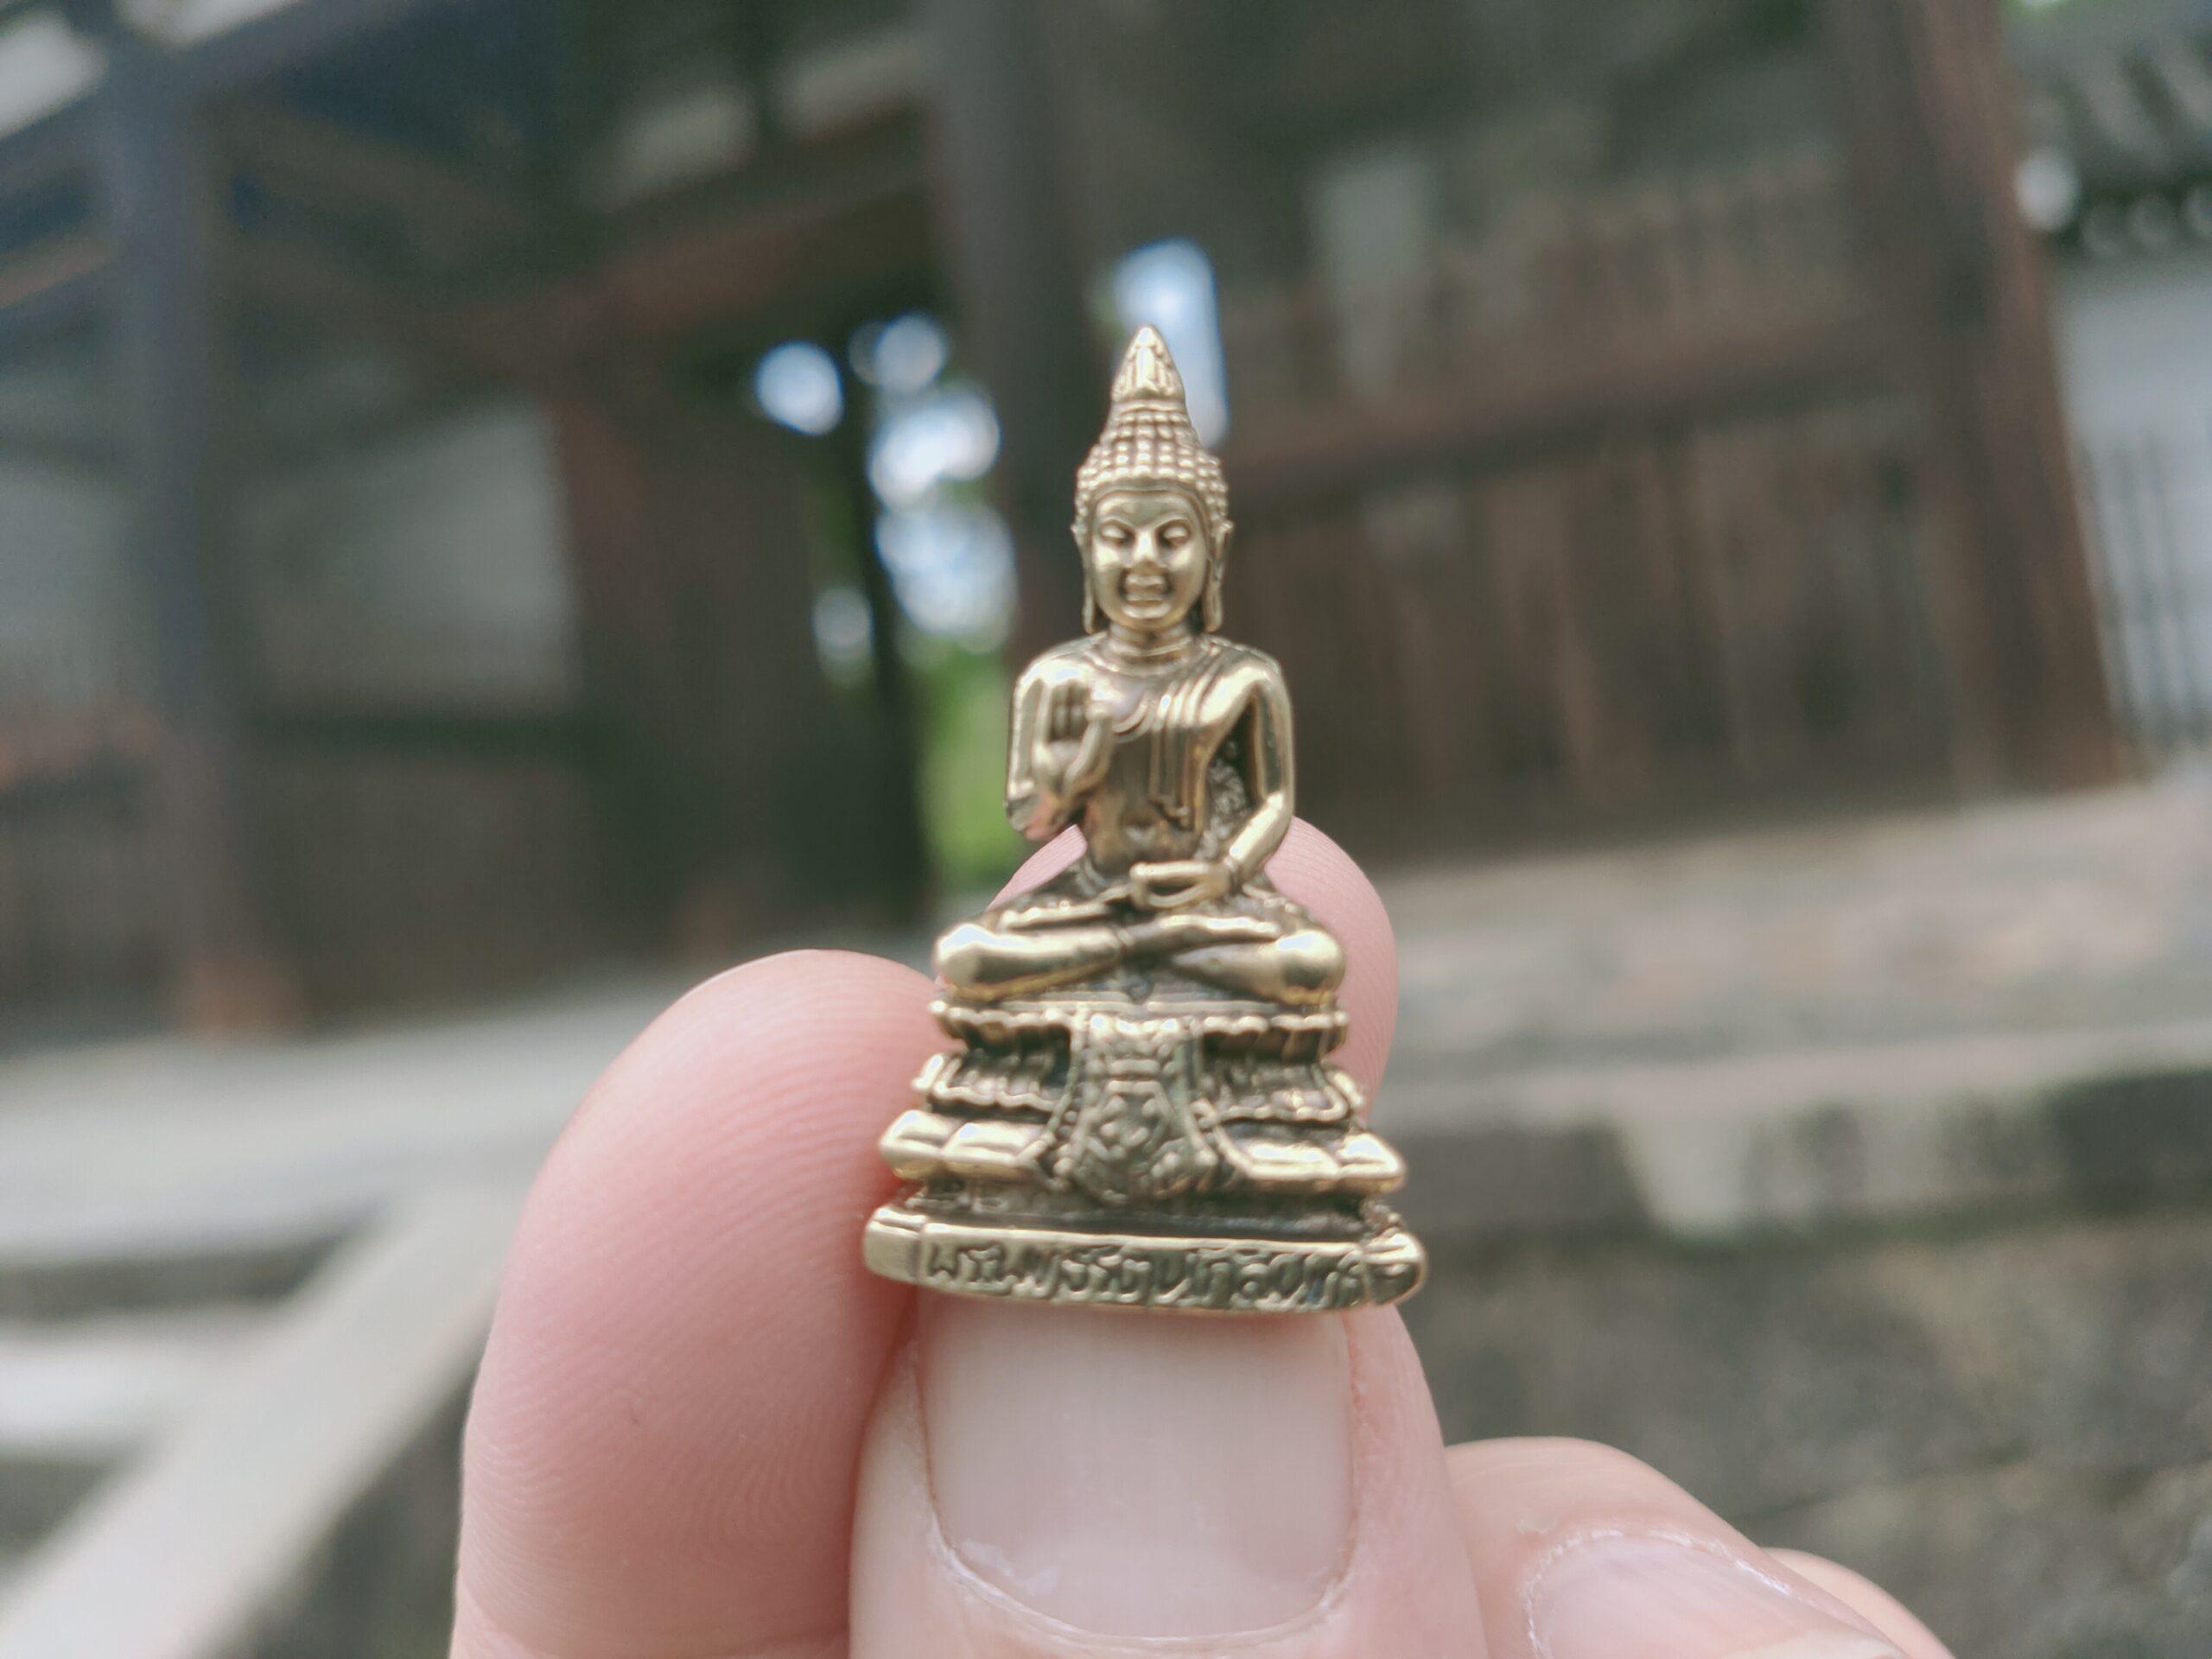 仏像の自動販売機があると聞いて嵐山電車に乗ったら本当だった 《京都》